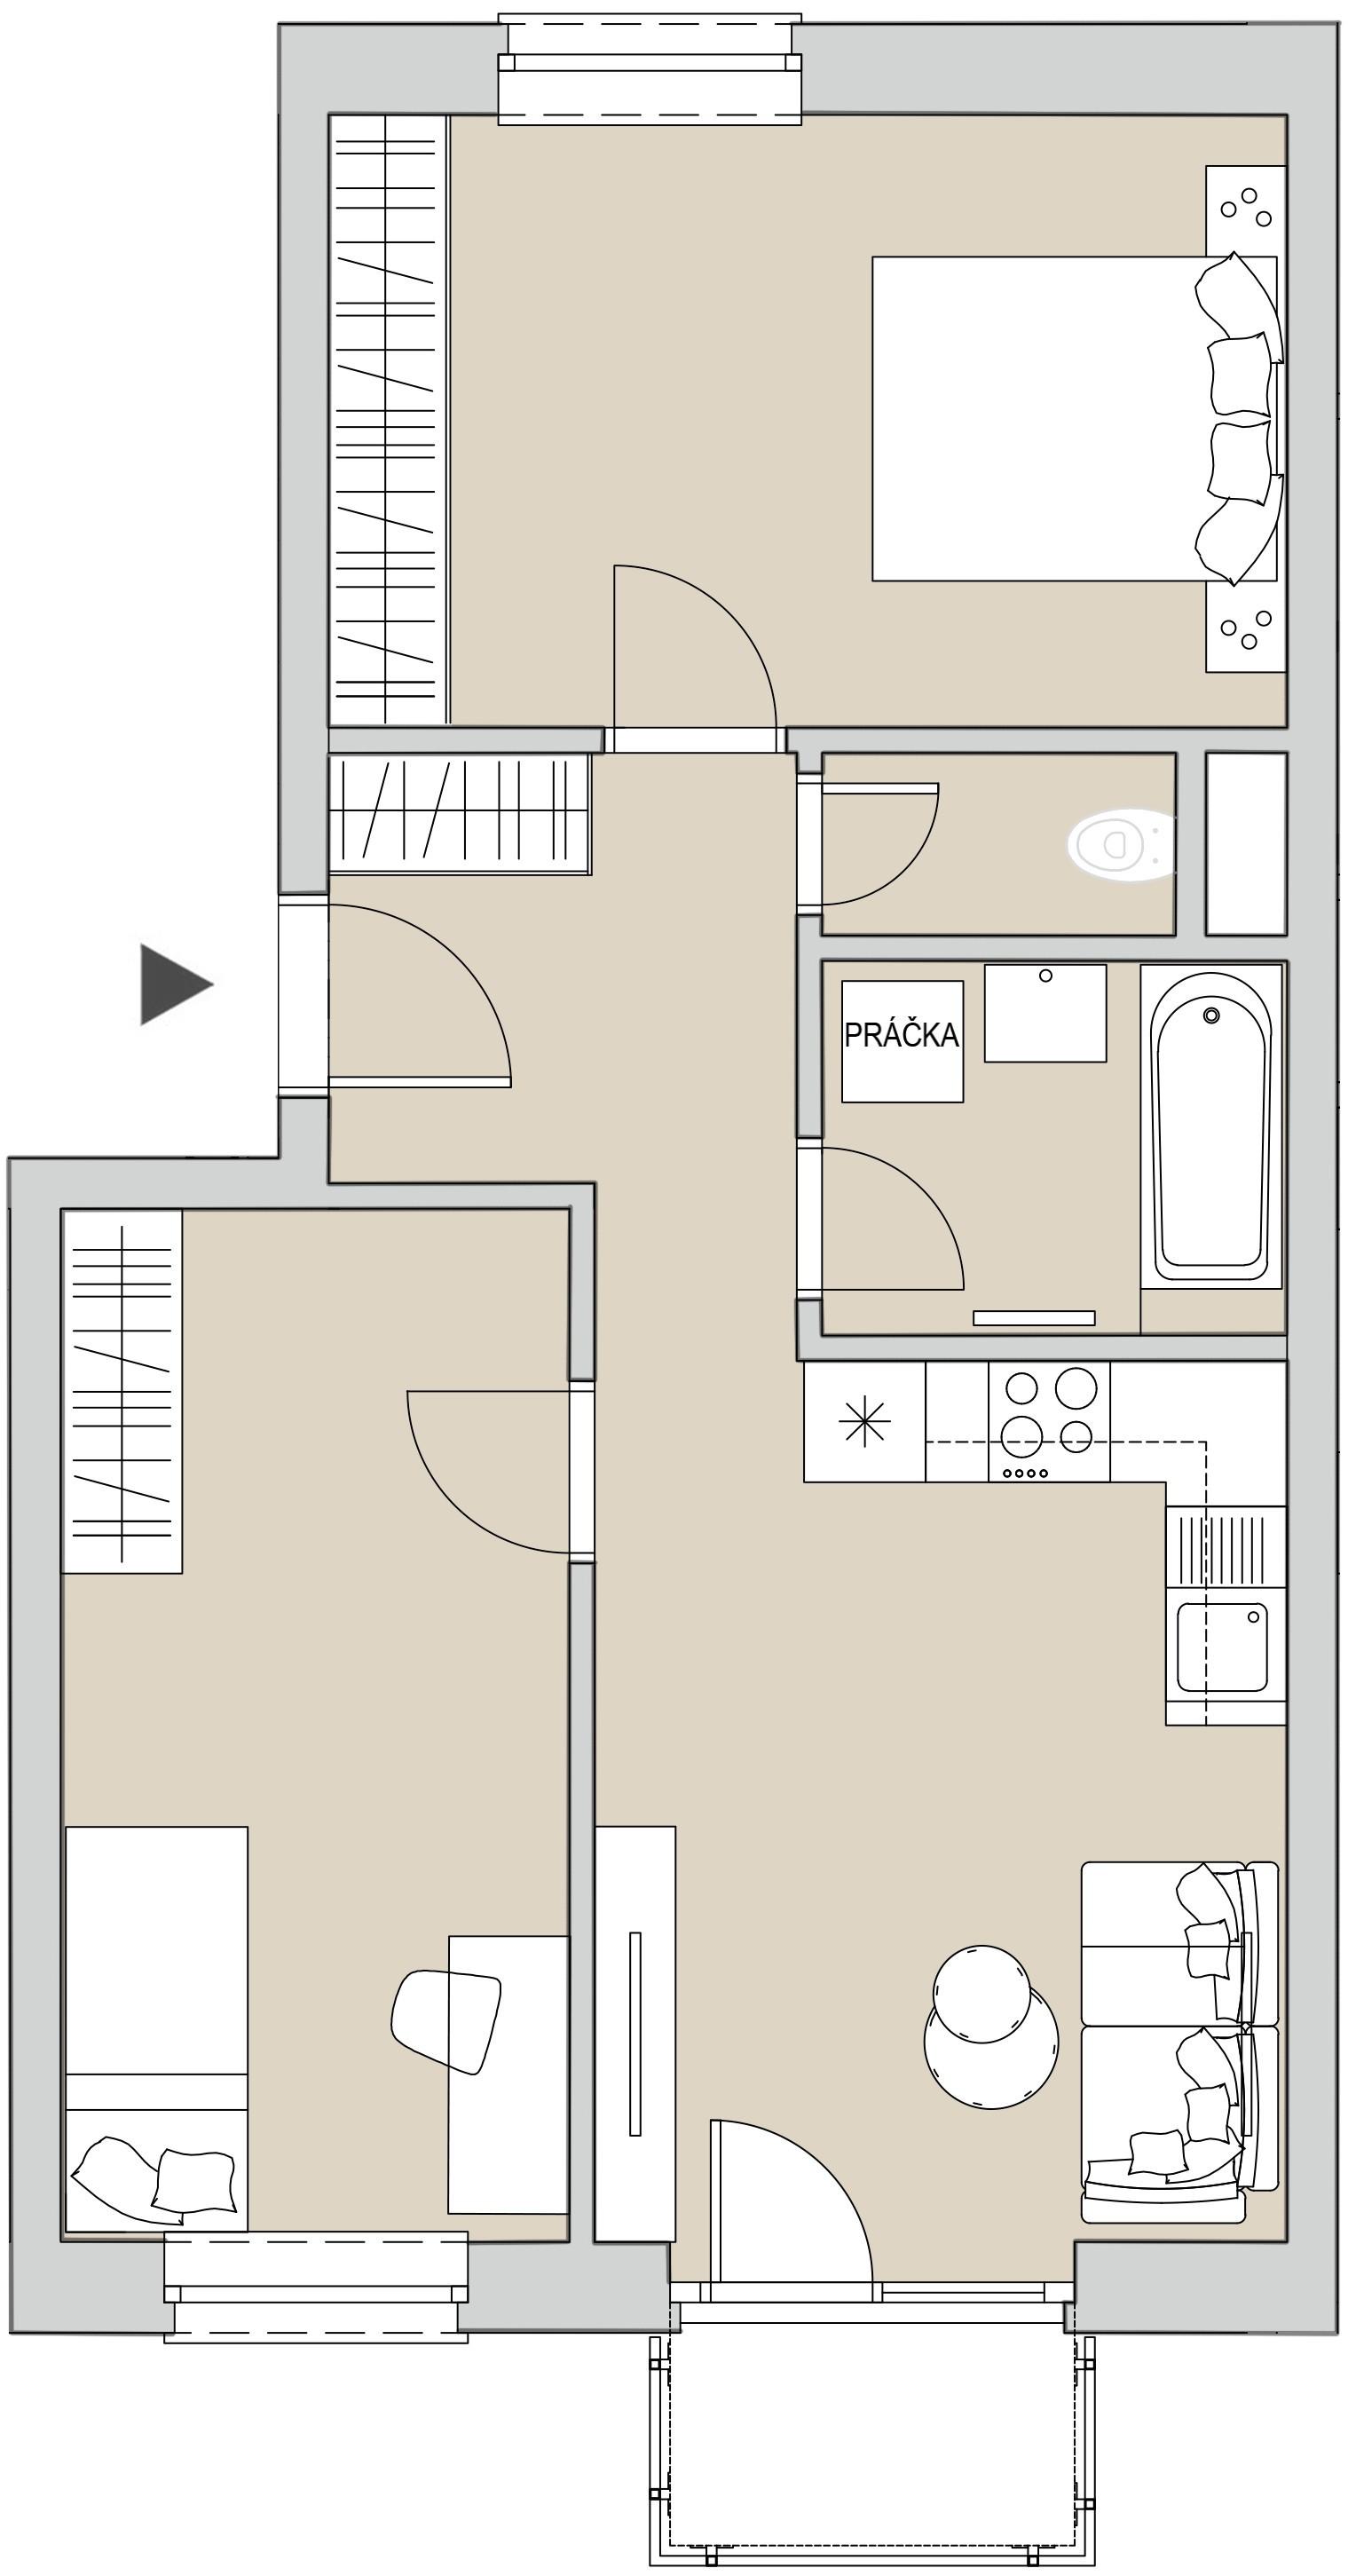 Pôdory bytu - 406 - varianta 3 - izbový